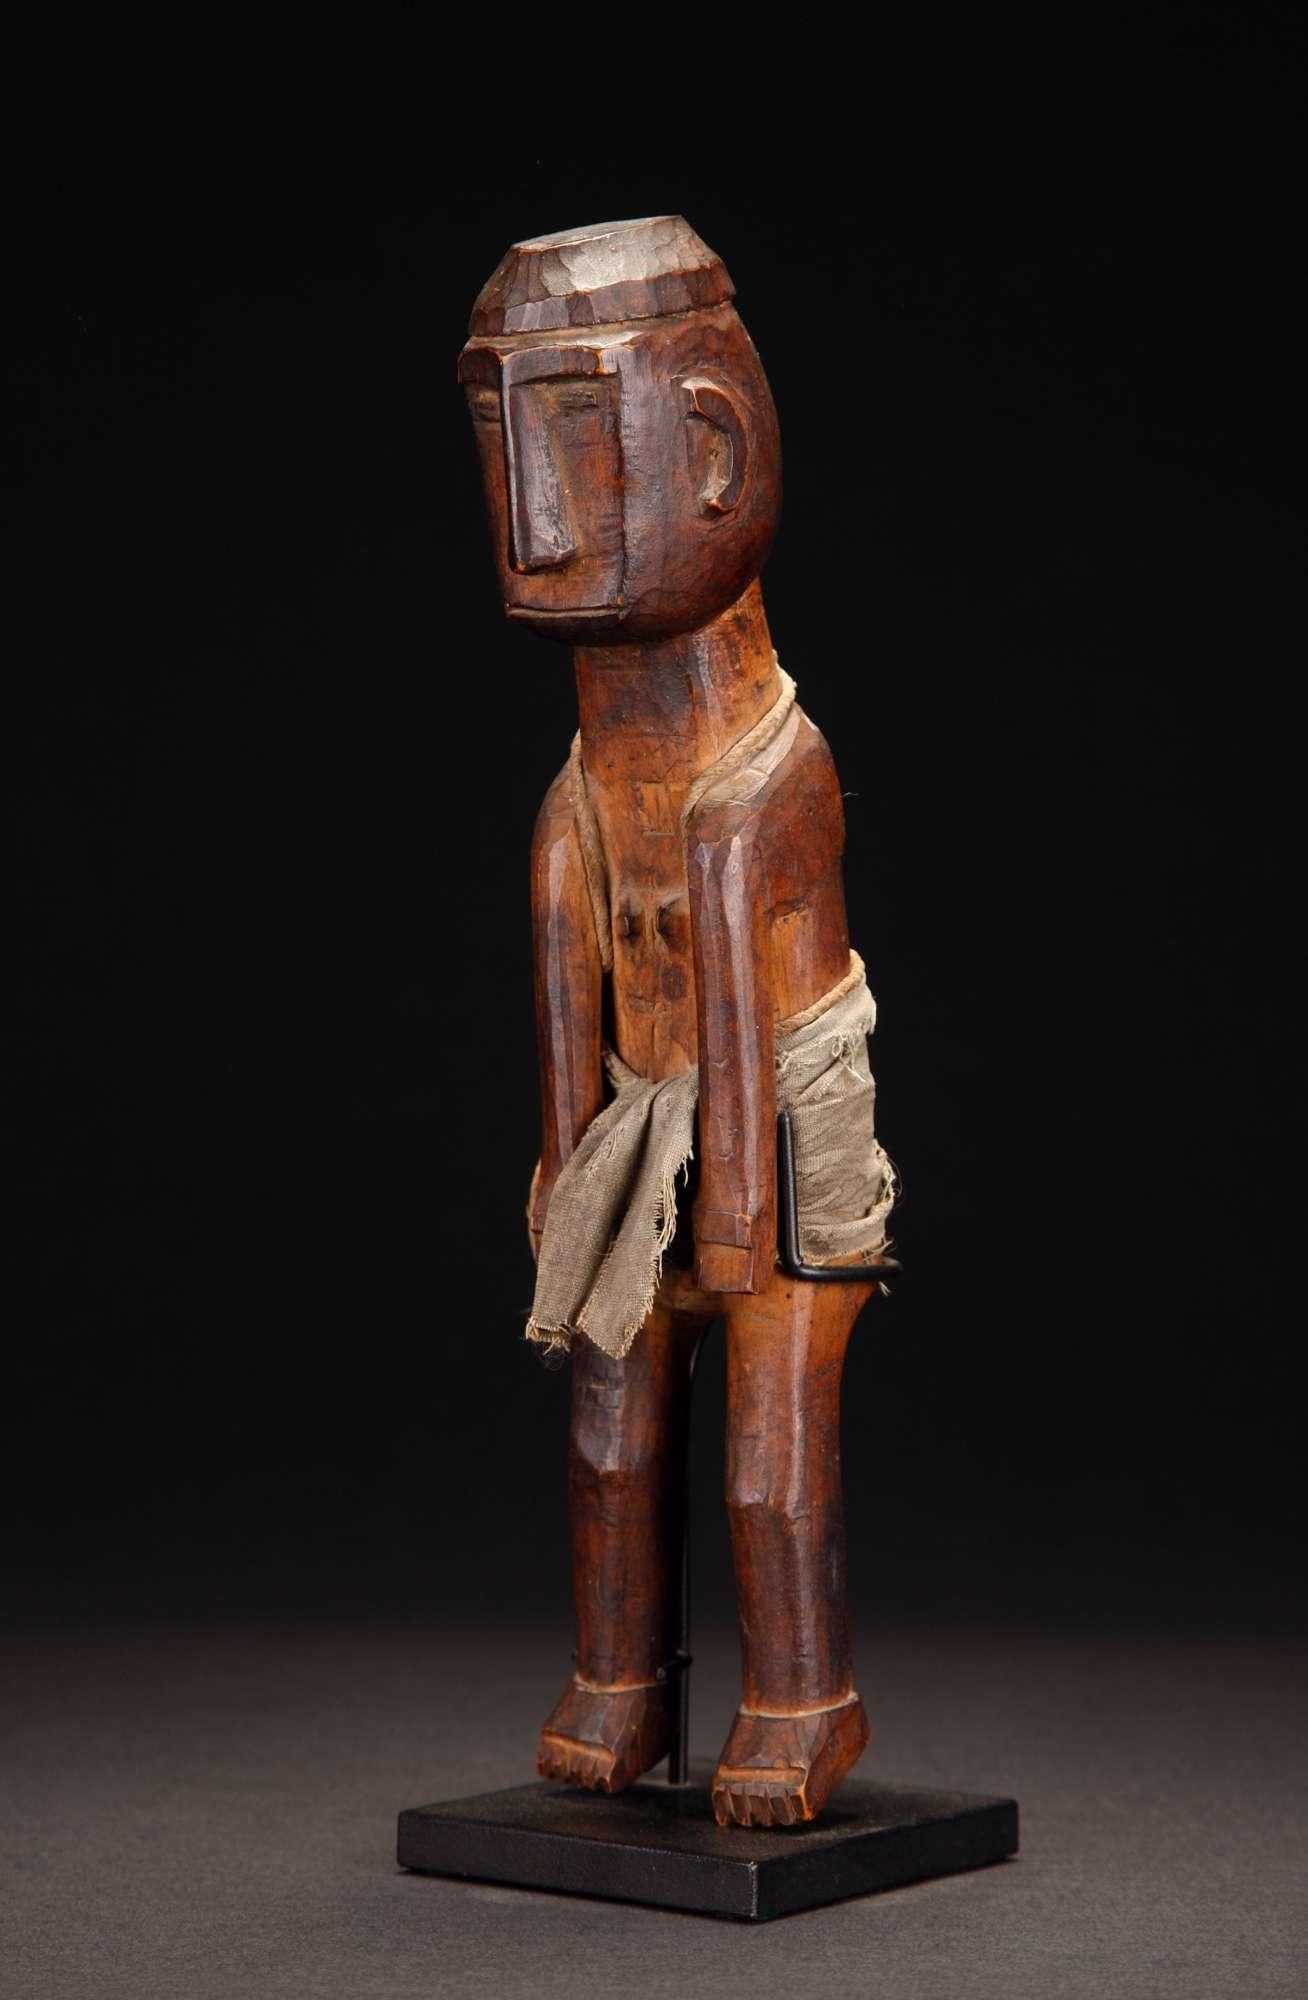 INDO626 : Ata-oro Figure